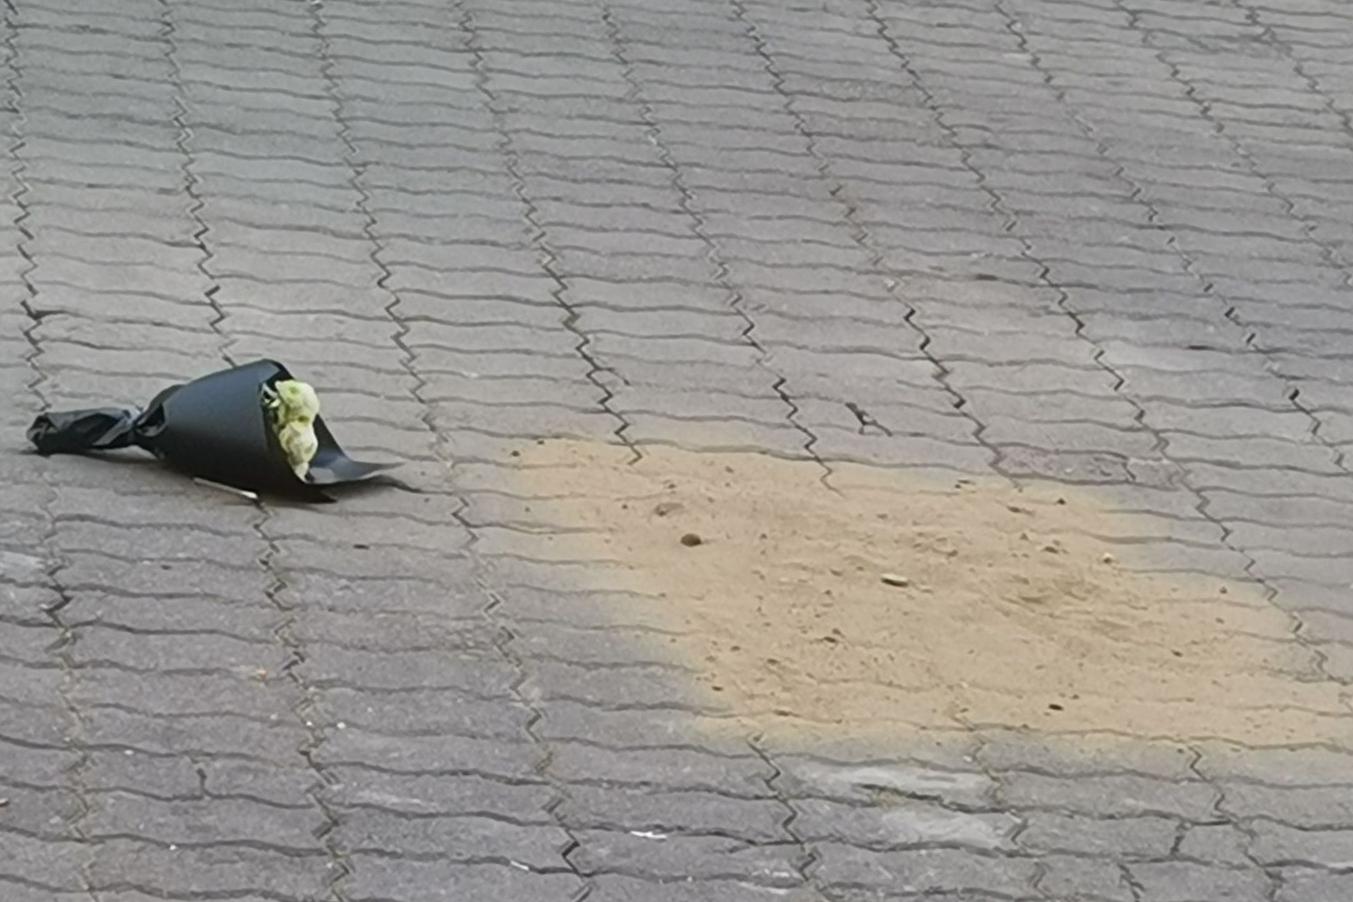 12月15日,北京交通大學一名大三學生跳樓自殺身亡,事後一束鮮花被放置於現場。(網路圖片)